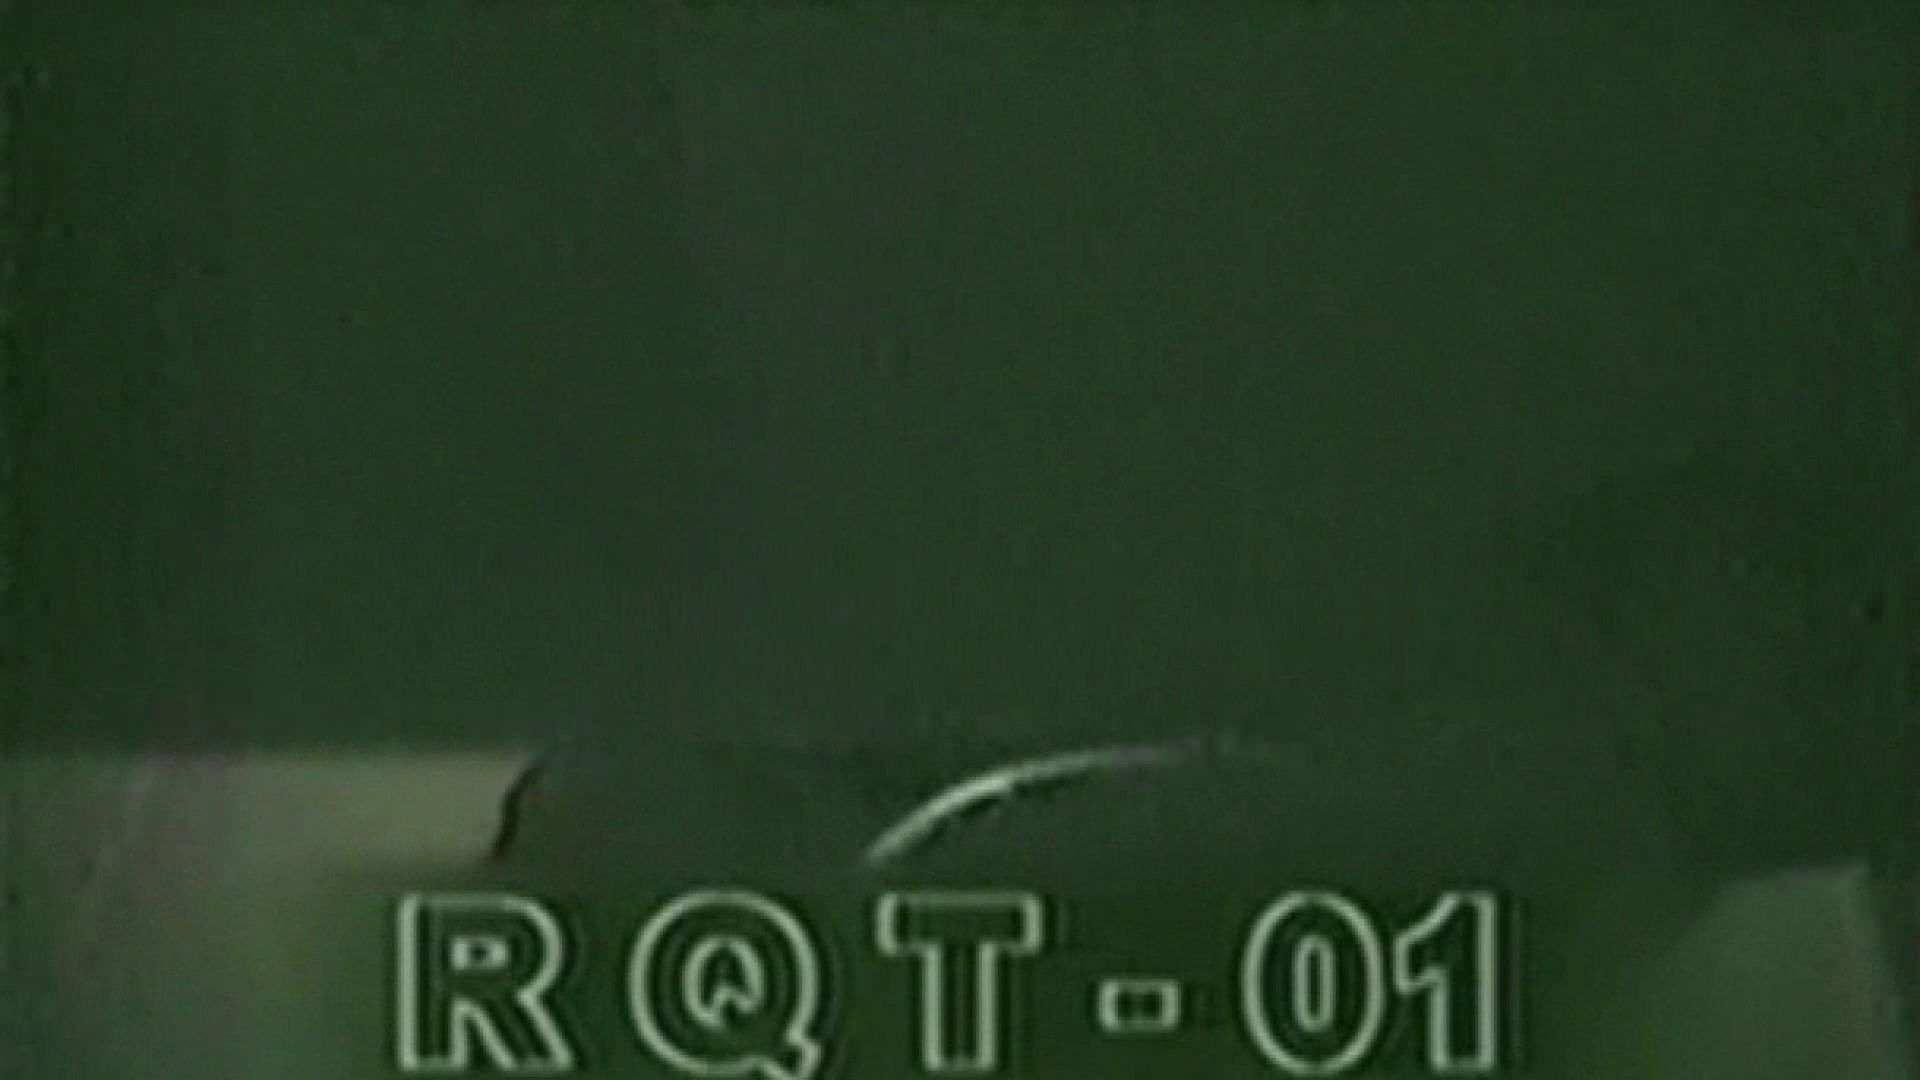 お姉さんの恥便所盗撮! Vol.2 お姉さん | 便所内リアル画像  89PICs 11